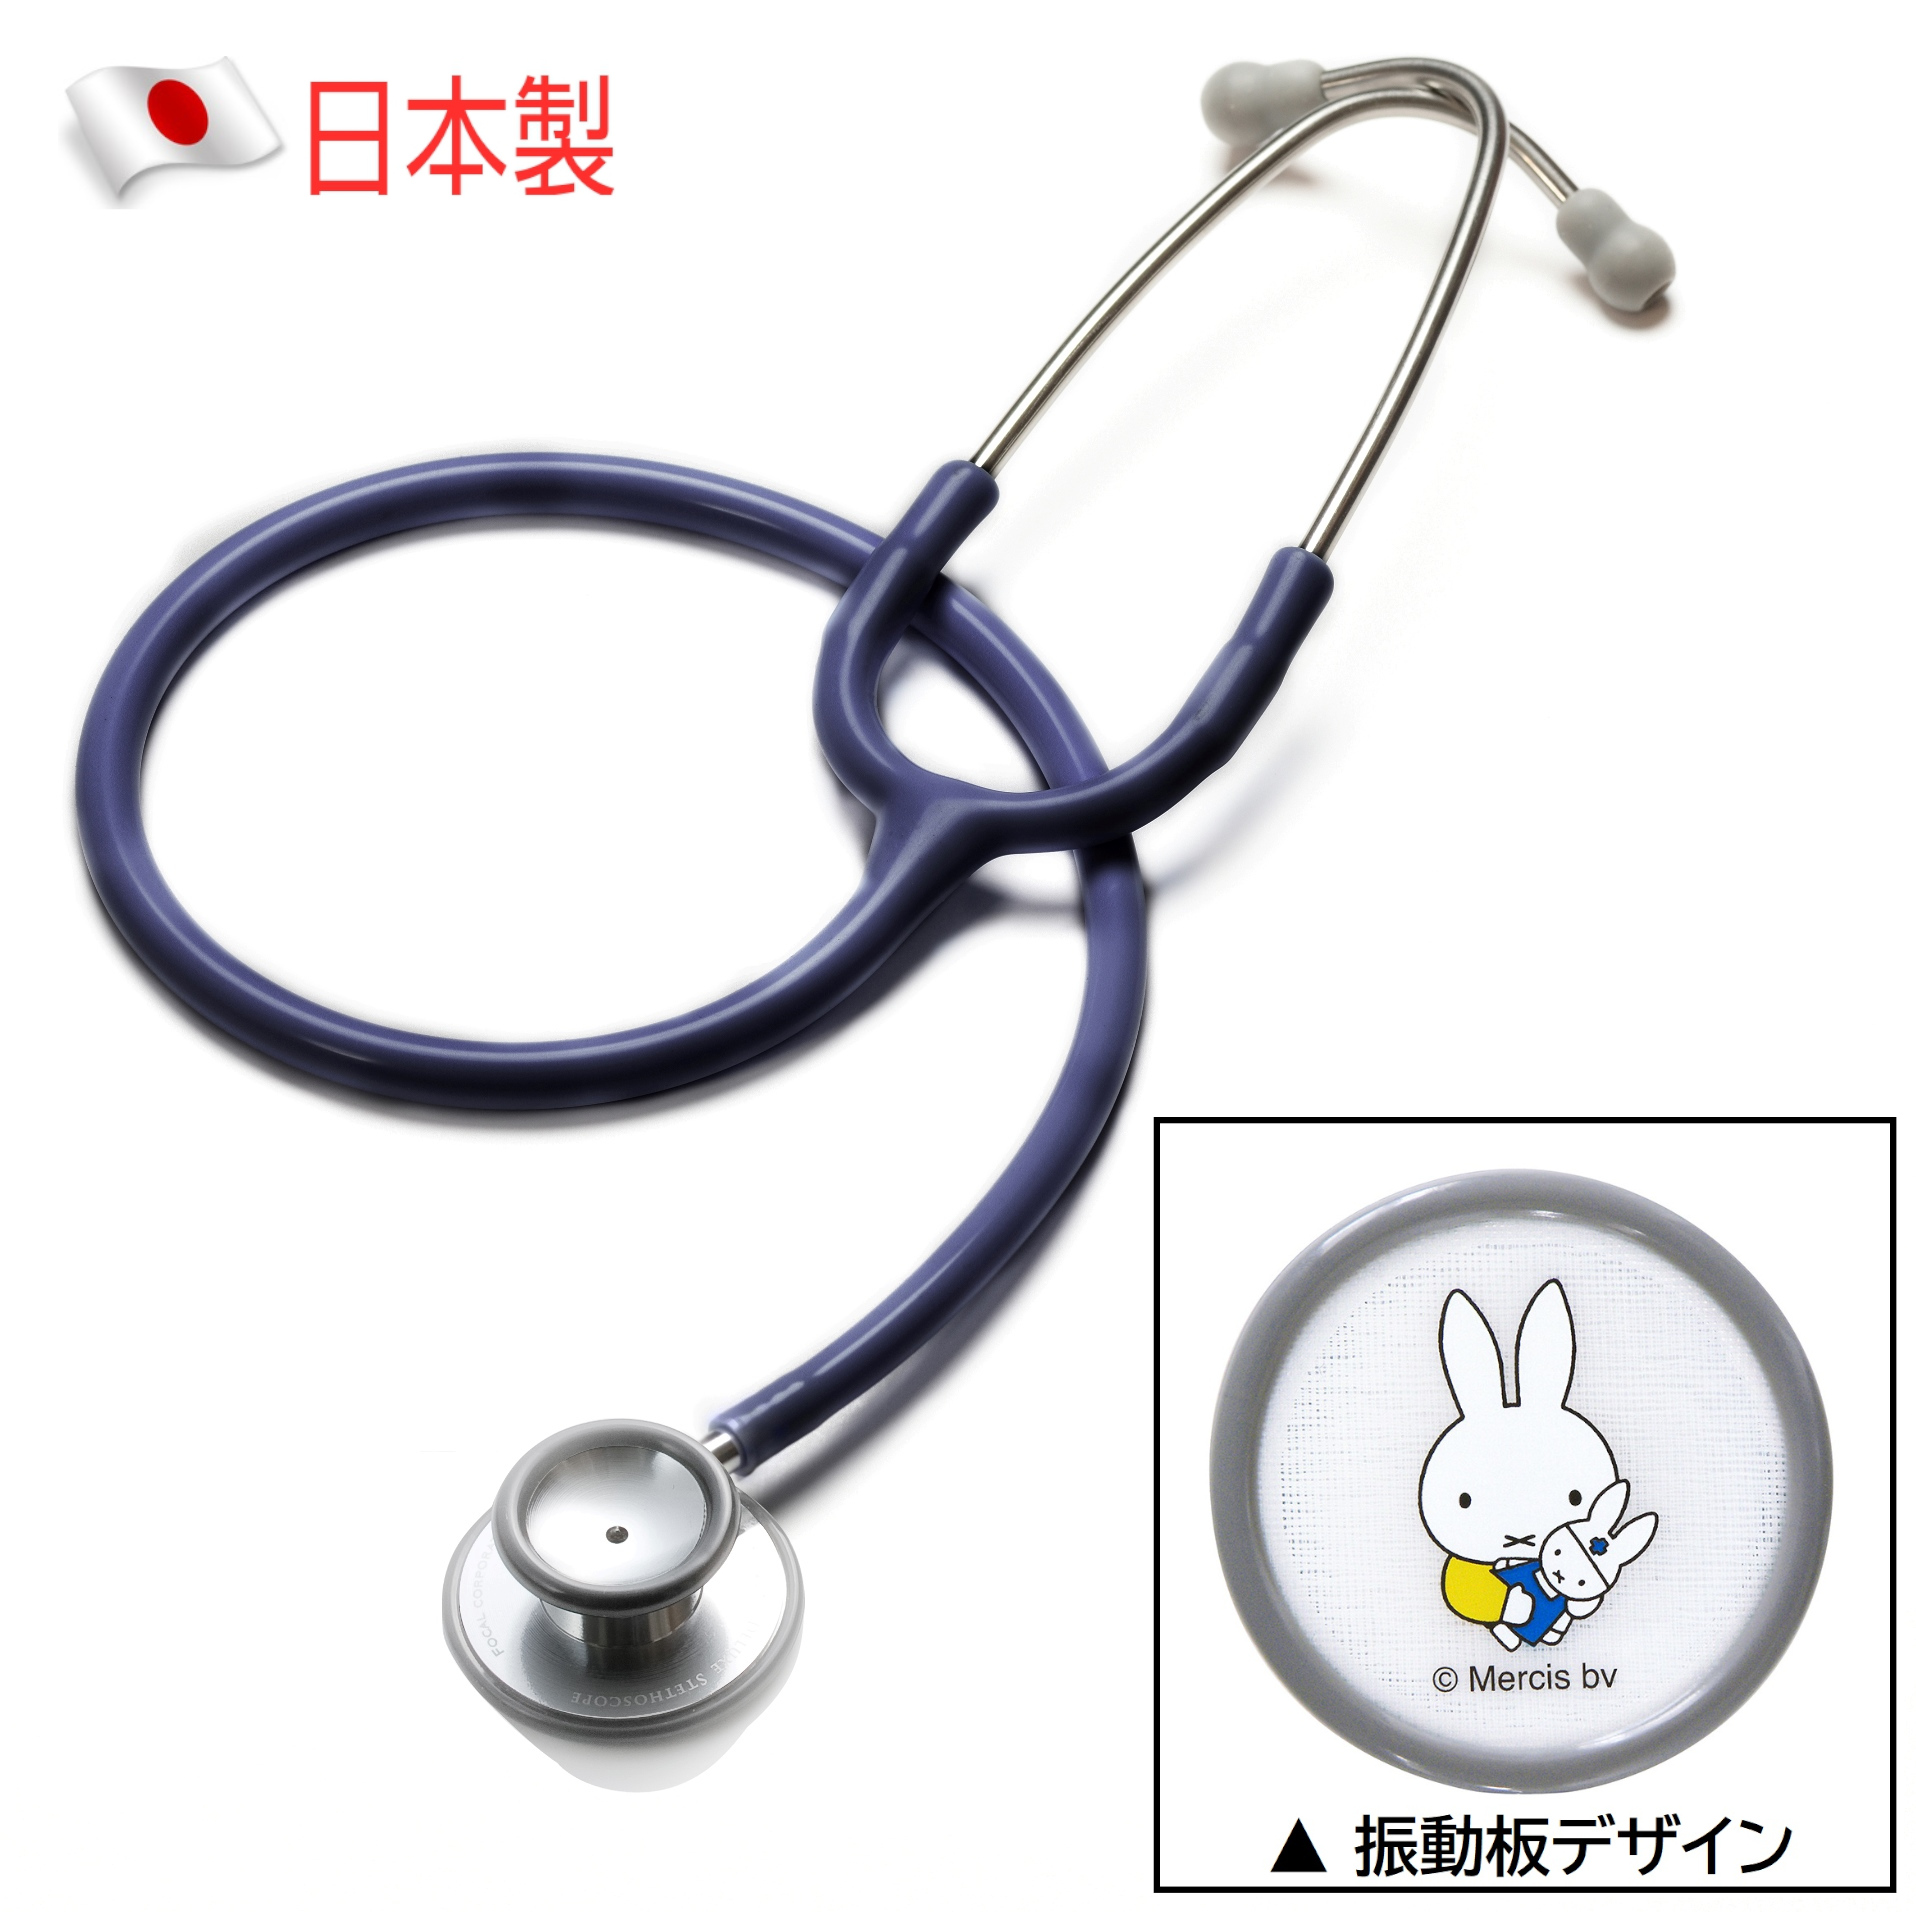 セントレディス NEW ミッフィー ナース グッズ FOCAL フォーカル ロイヤルブルー FC-201S 医療用 カラー 超定番 聴診器 日本製